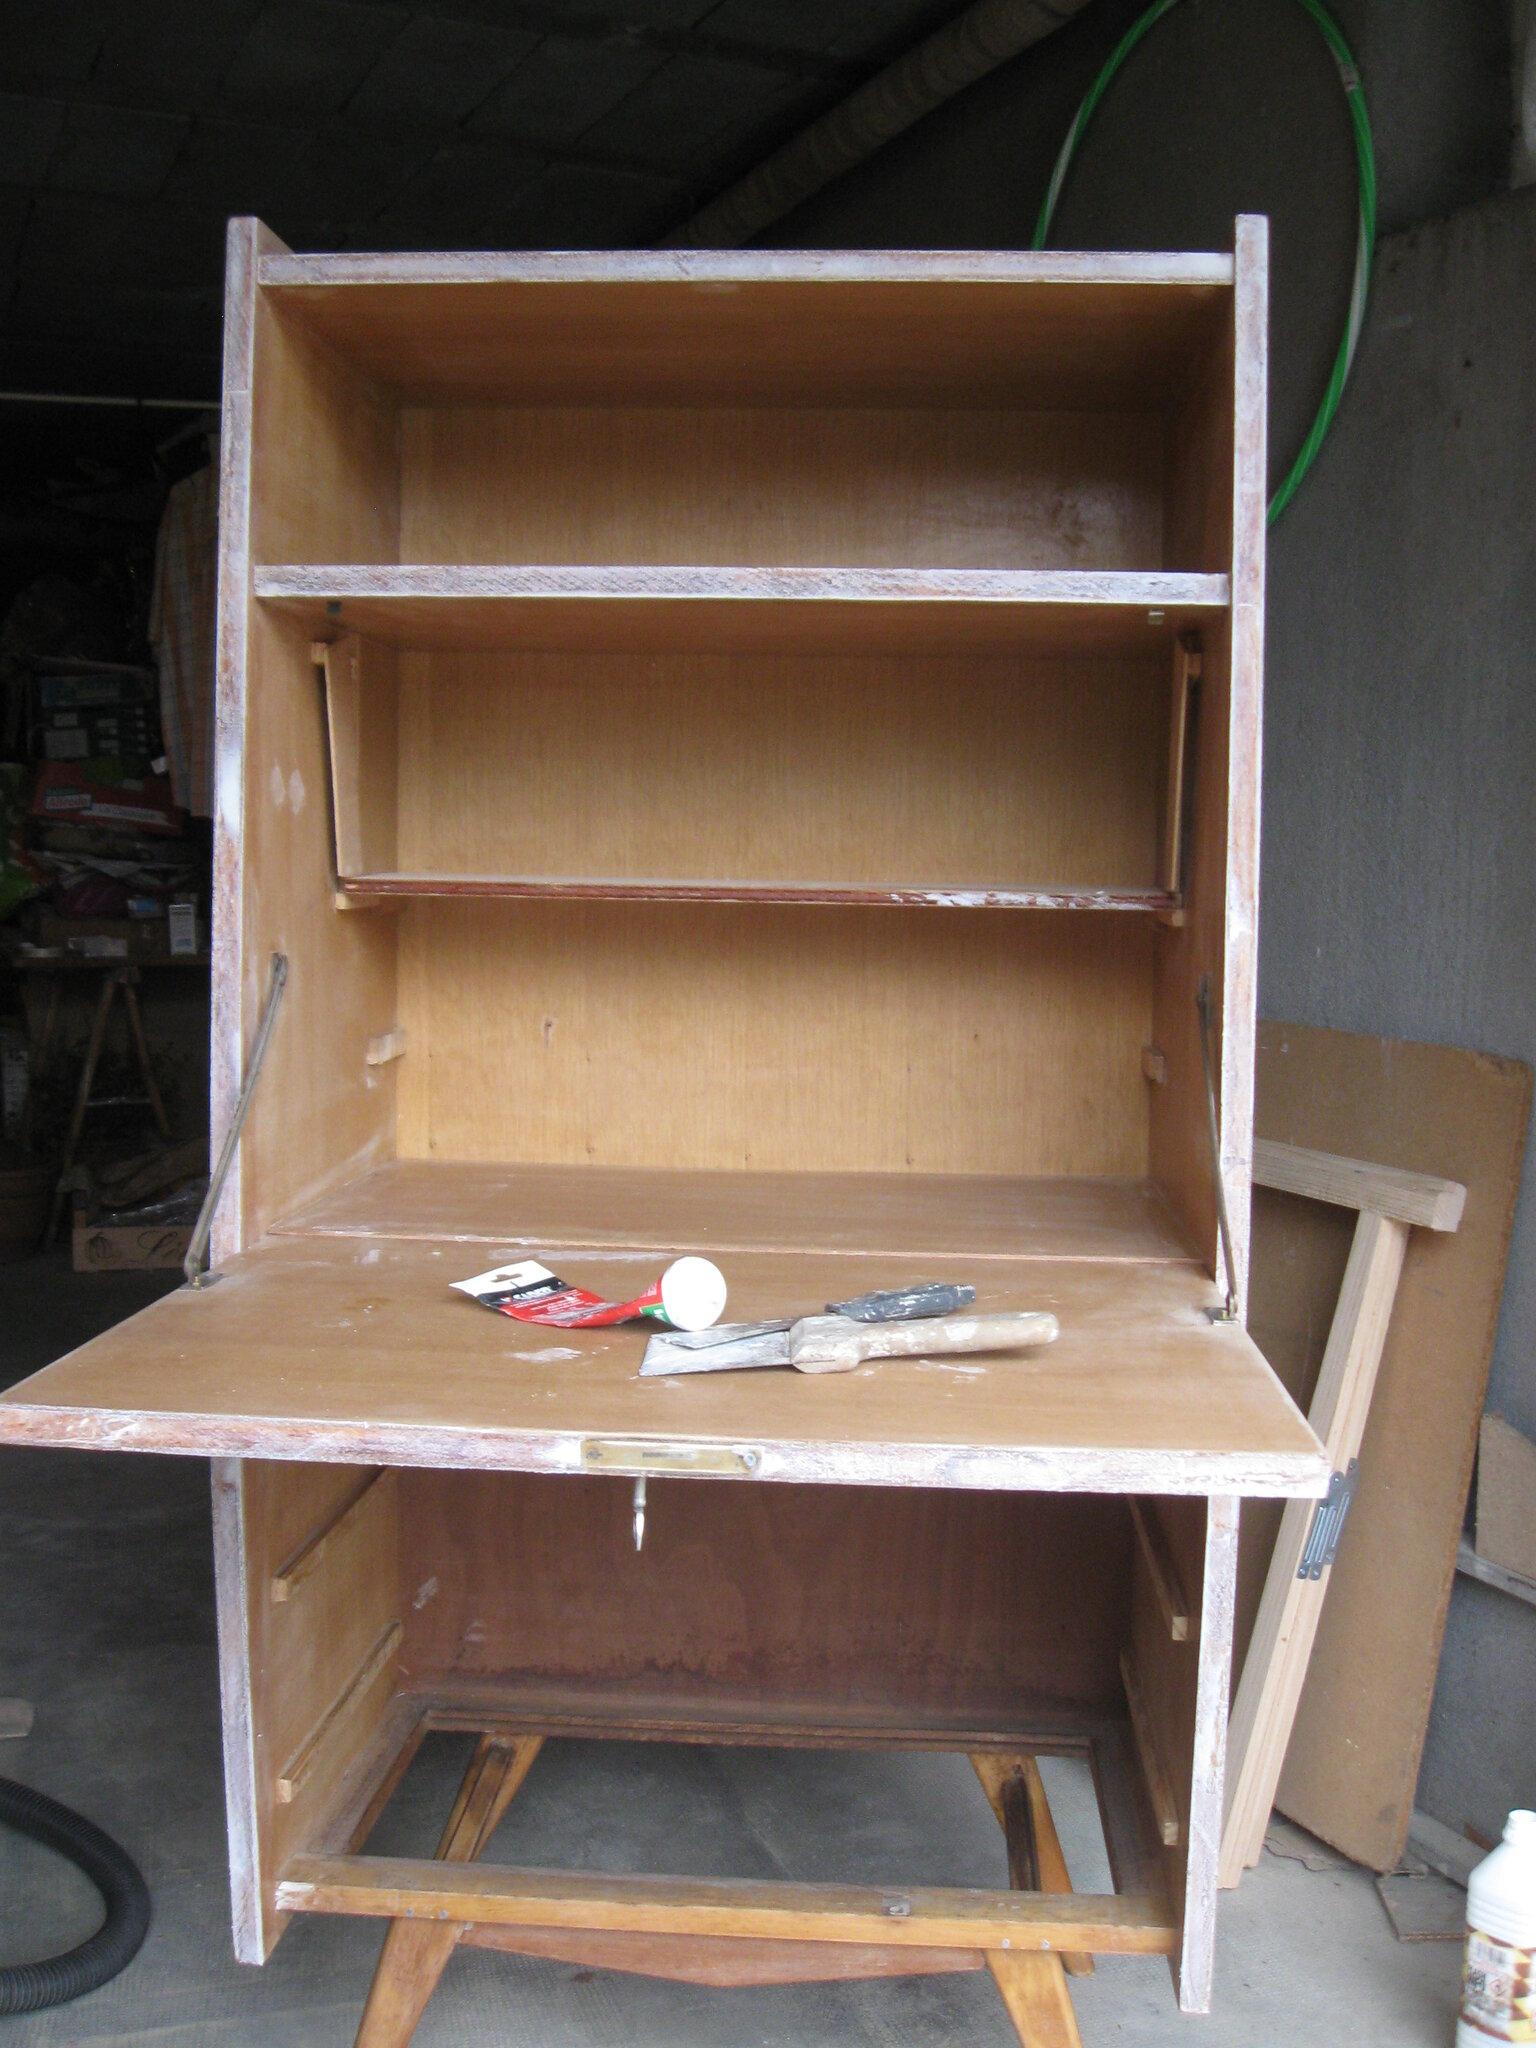 Relooker tous les messages sur relooker relook 39 vintage - Relooker un meuble vintage ...